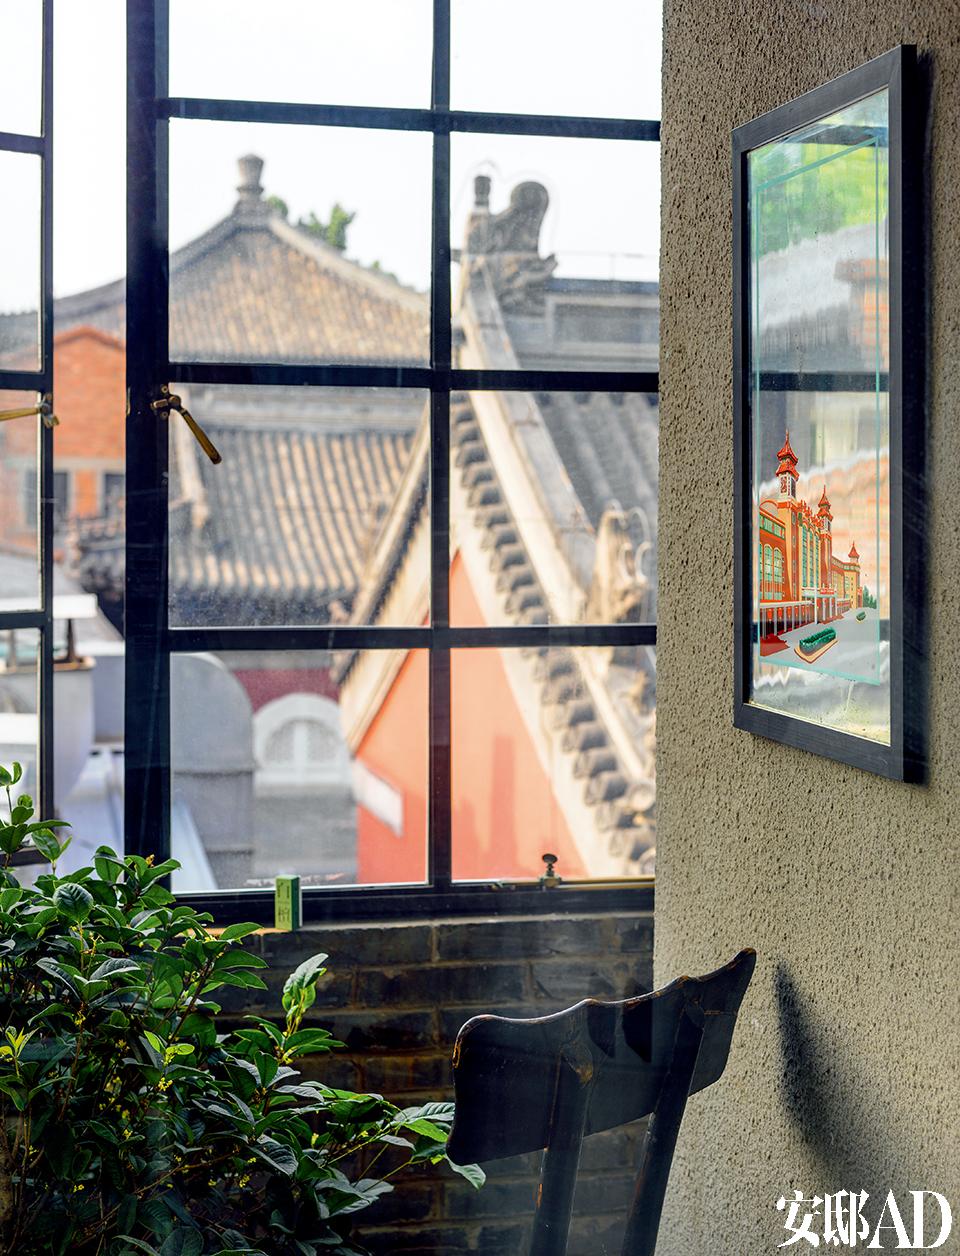 早上坐在这里喝一杯茶,穿过胡同去景山公园散步,一天的生活就此开始。原本阳台是敞开的,Juan找上海的师傅做了窗框,将阳台全部封起来了,起到保温隔音作用。